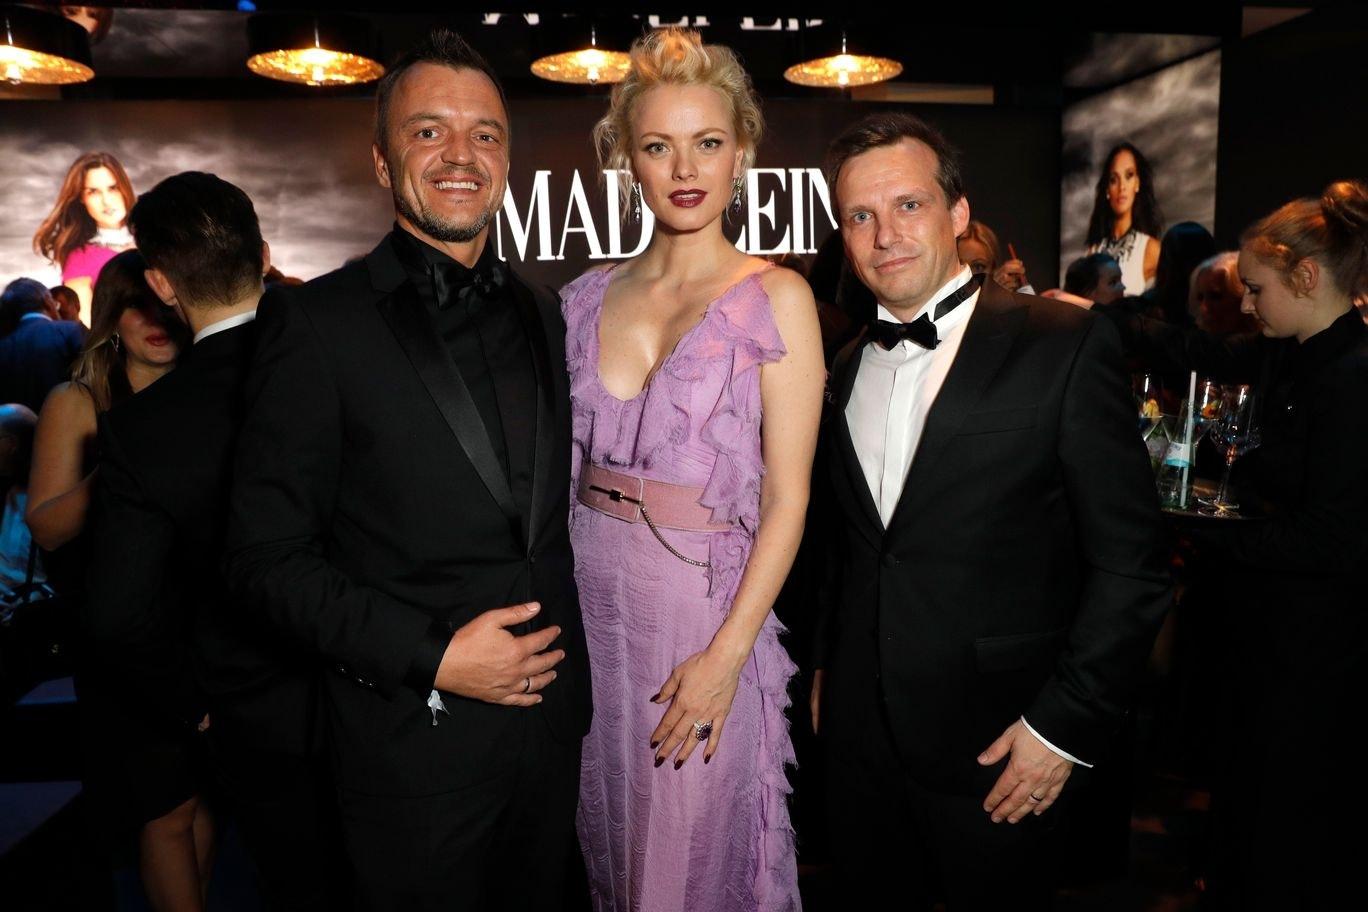 Die MADELEINE Geschäftsführer Volker Valk und Alexander Weih mit Franziska Knuppe © Andreas Rentz / Getty Images for MADELEINE